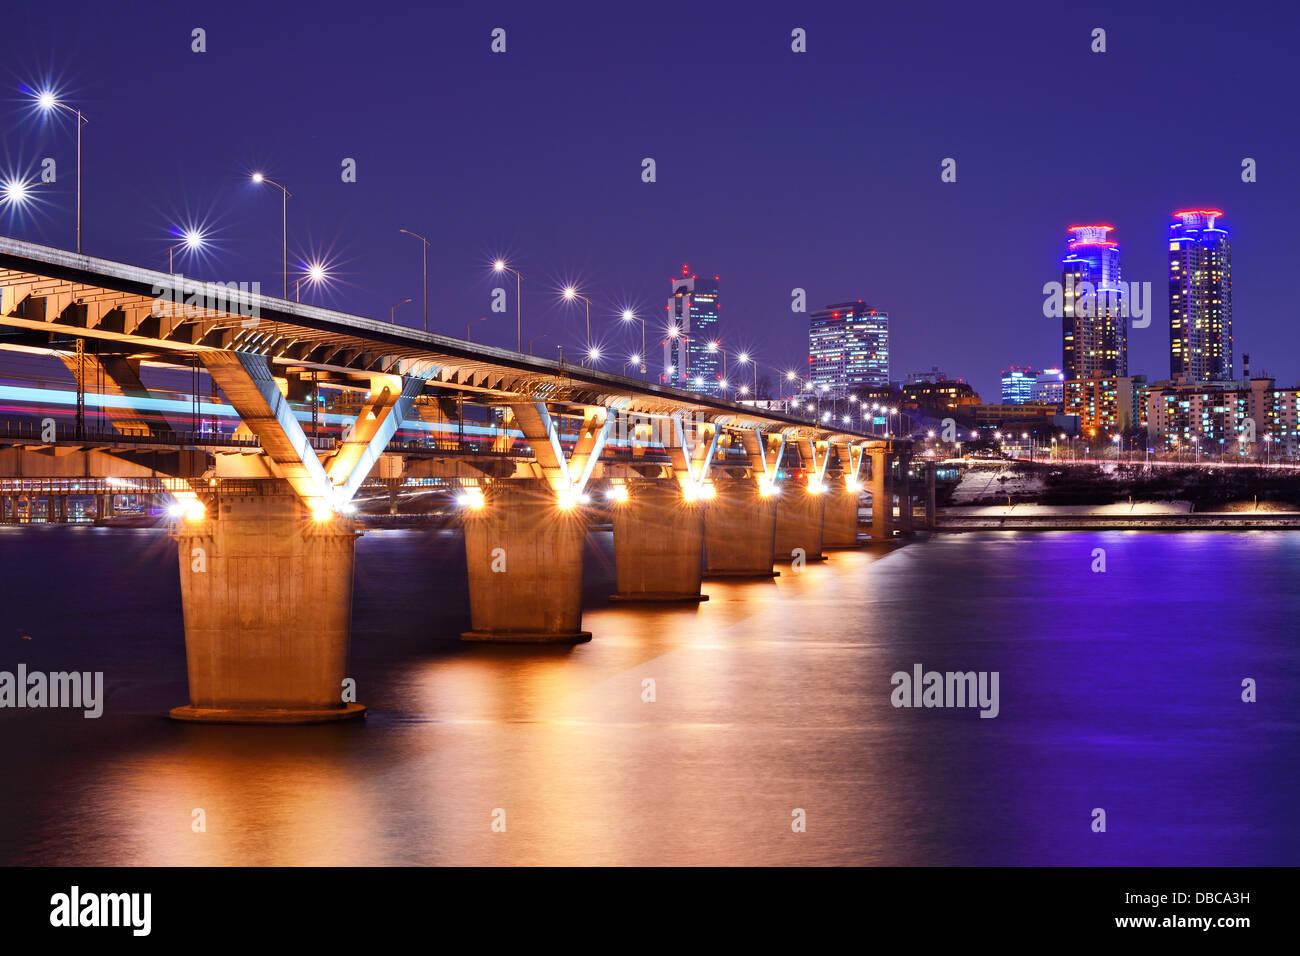 Han River and Bridge in Seoul, South Korea. - Stock Image